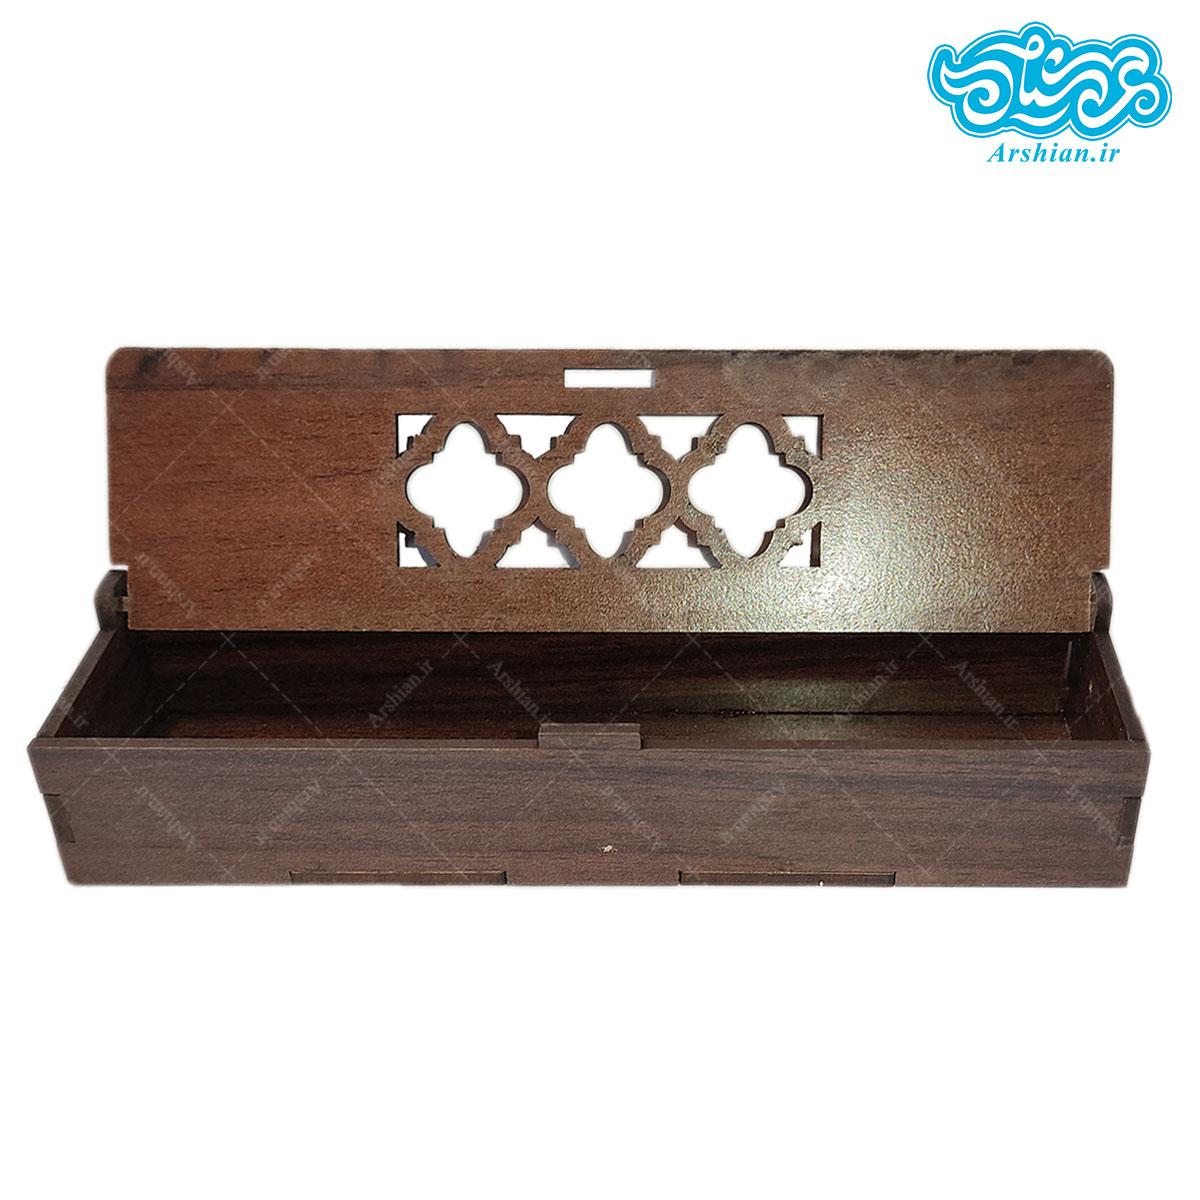 جعبه تسبیح کد 001